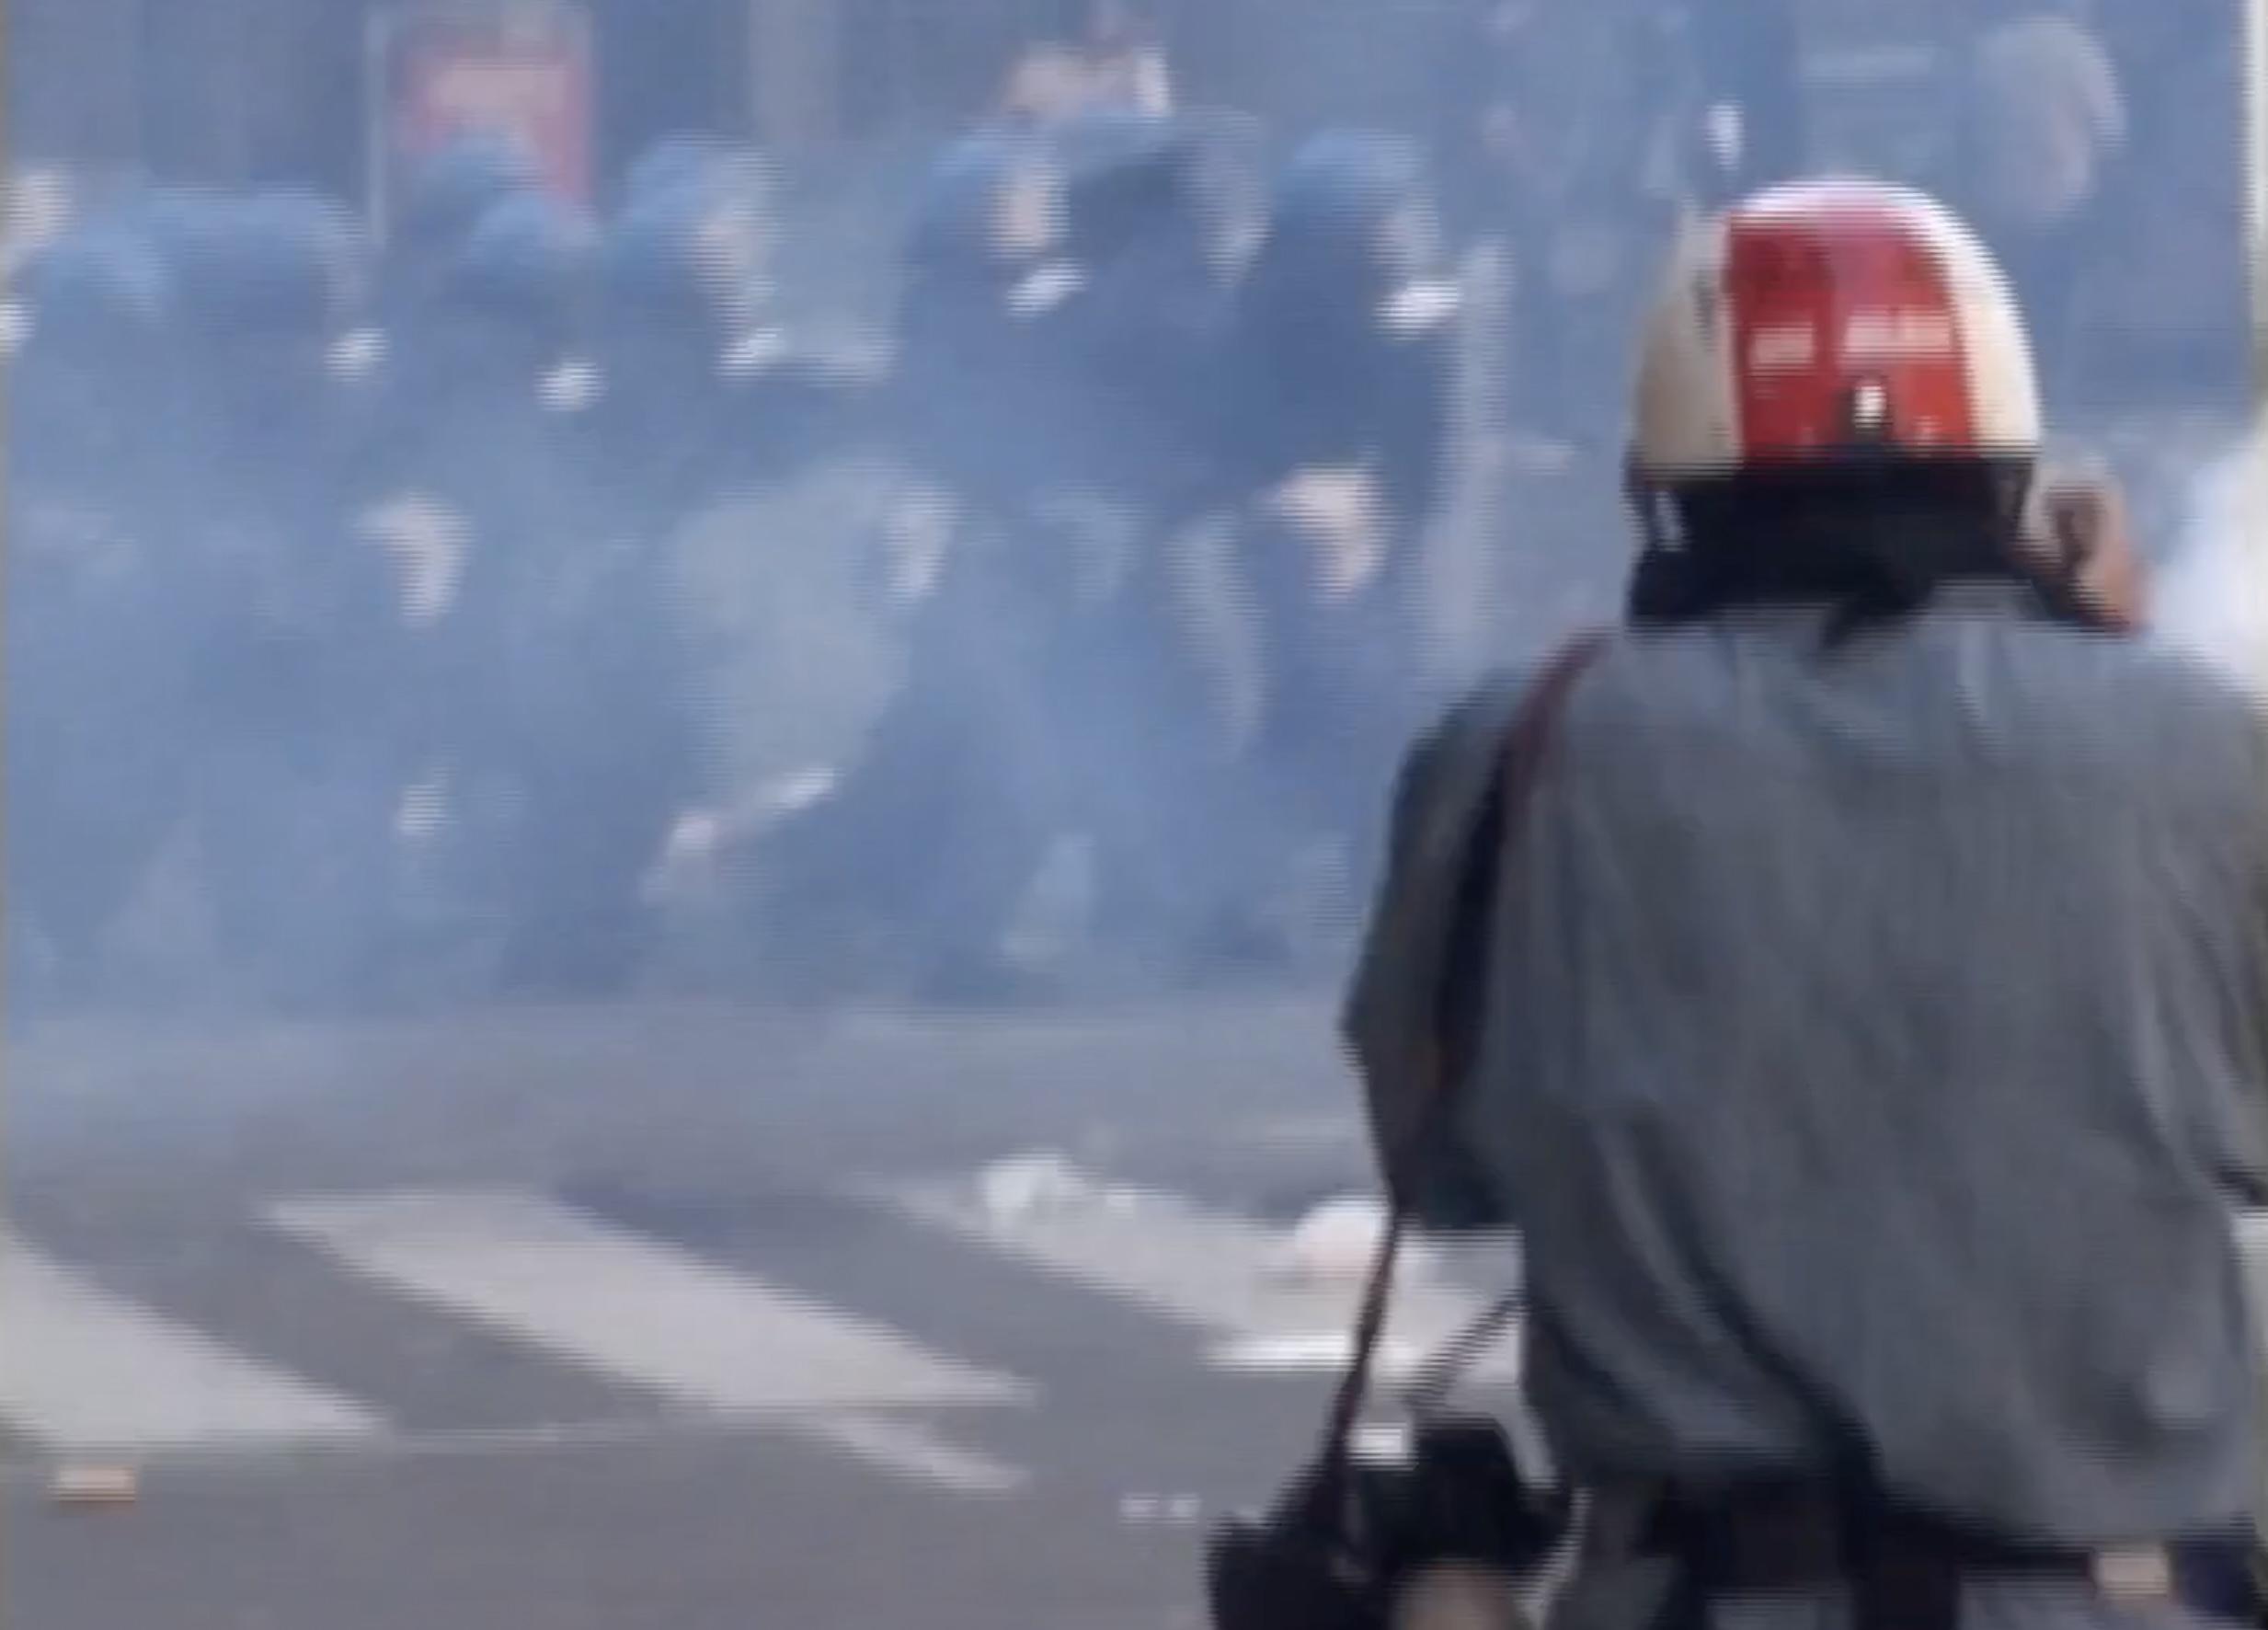 Il 20 luglio 2001 a Genova nelle riprese d'archivio di Indymedia